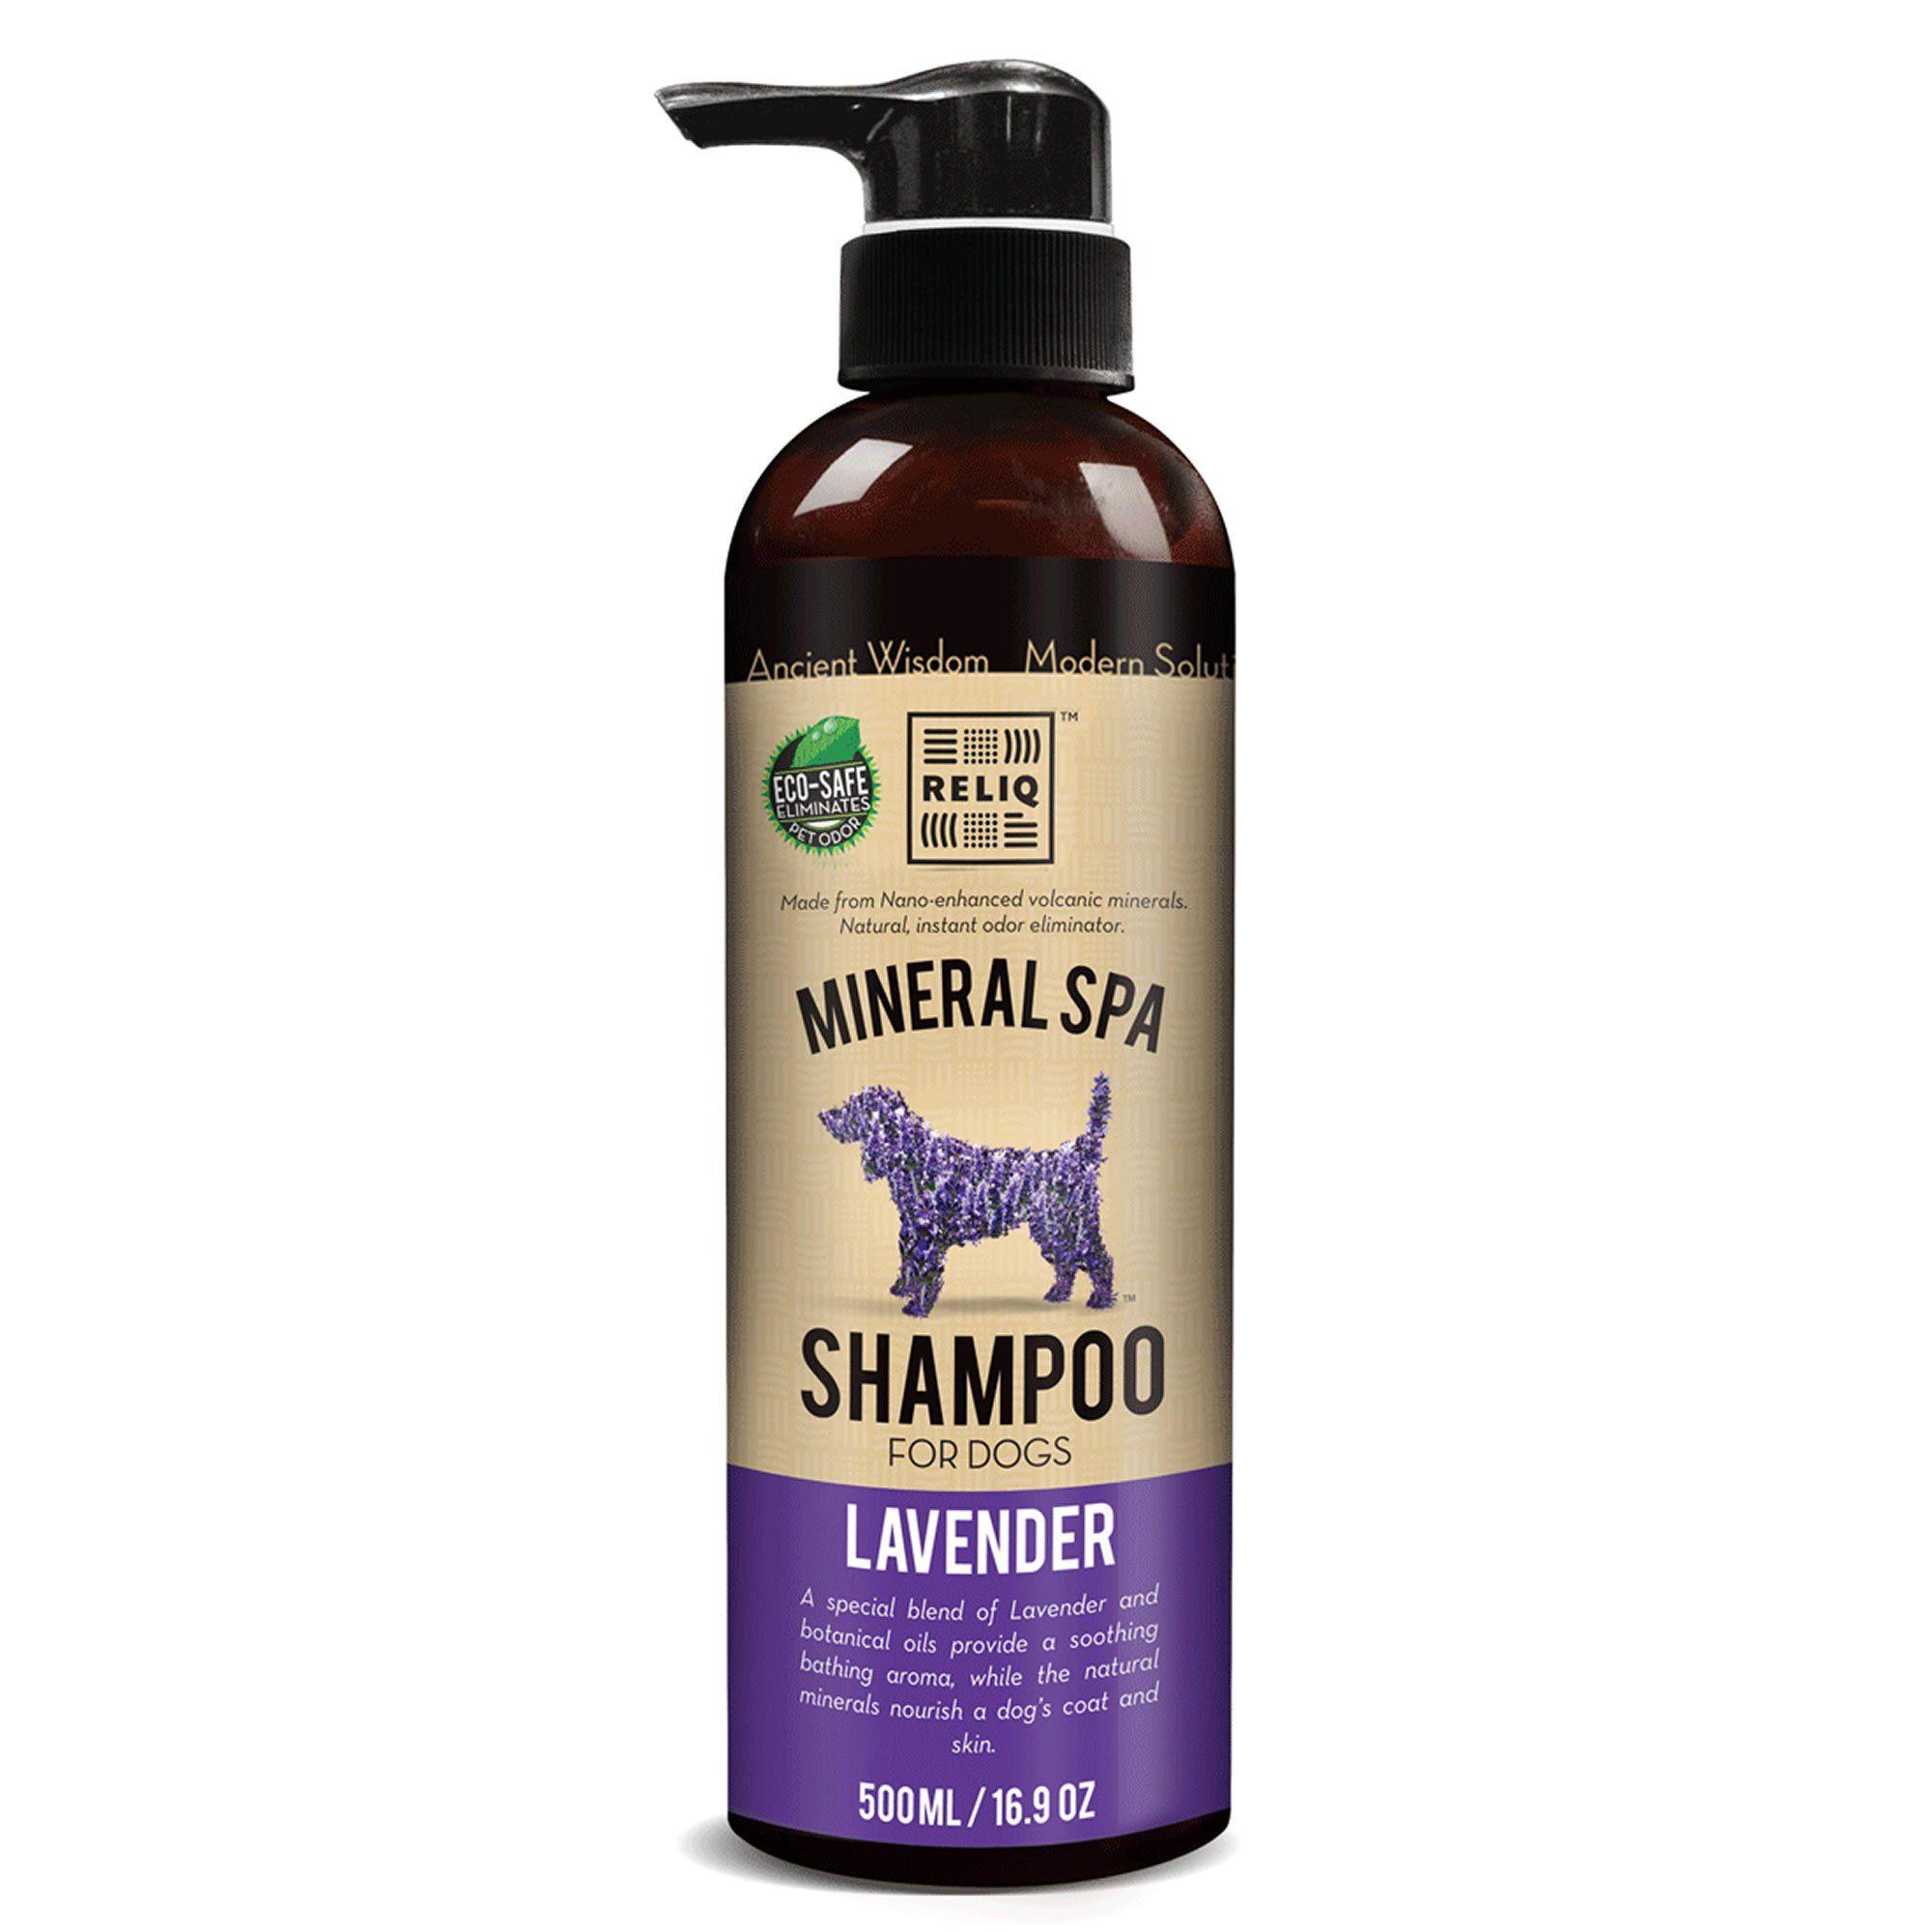 Reliq Pet Lavender Mineral Spa Shampoo For Dogs 16 9 Fl Oz 16 9 Fz Shampoo Natural Dog Shampoo Dog Shampoo